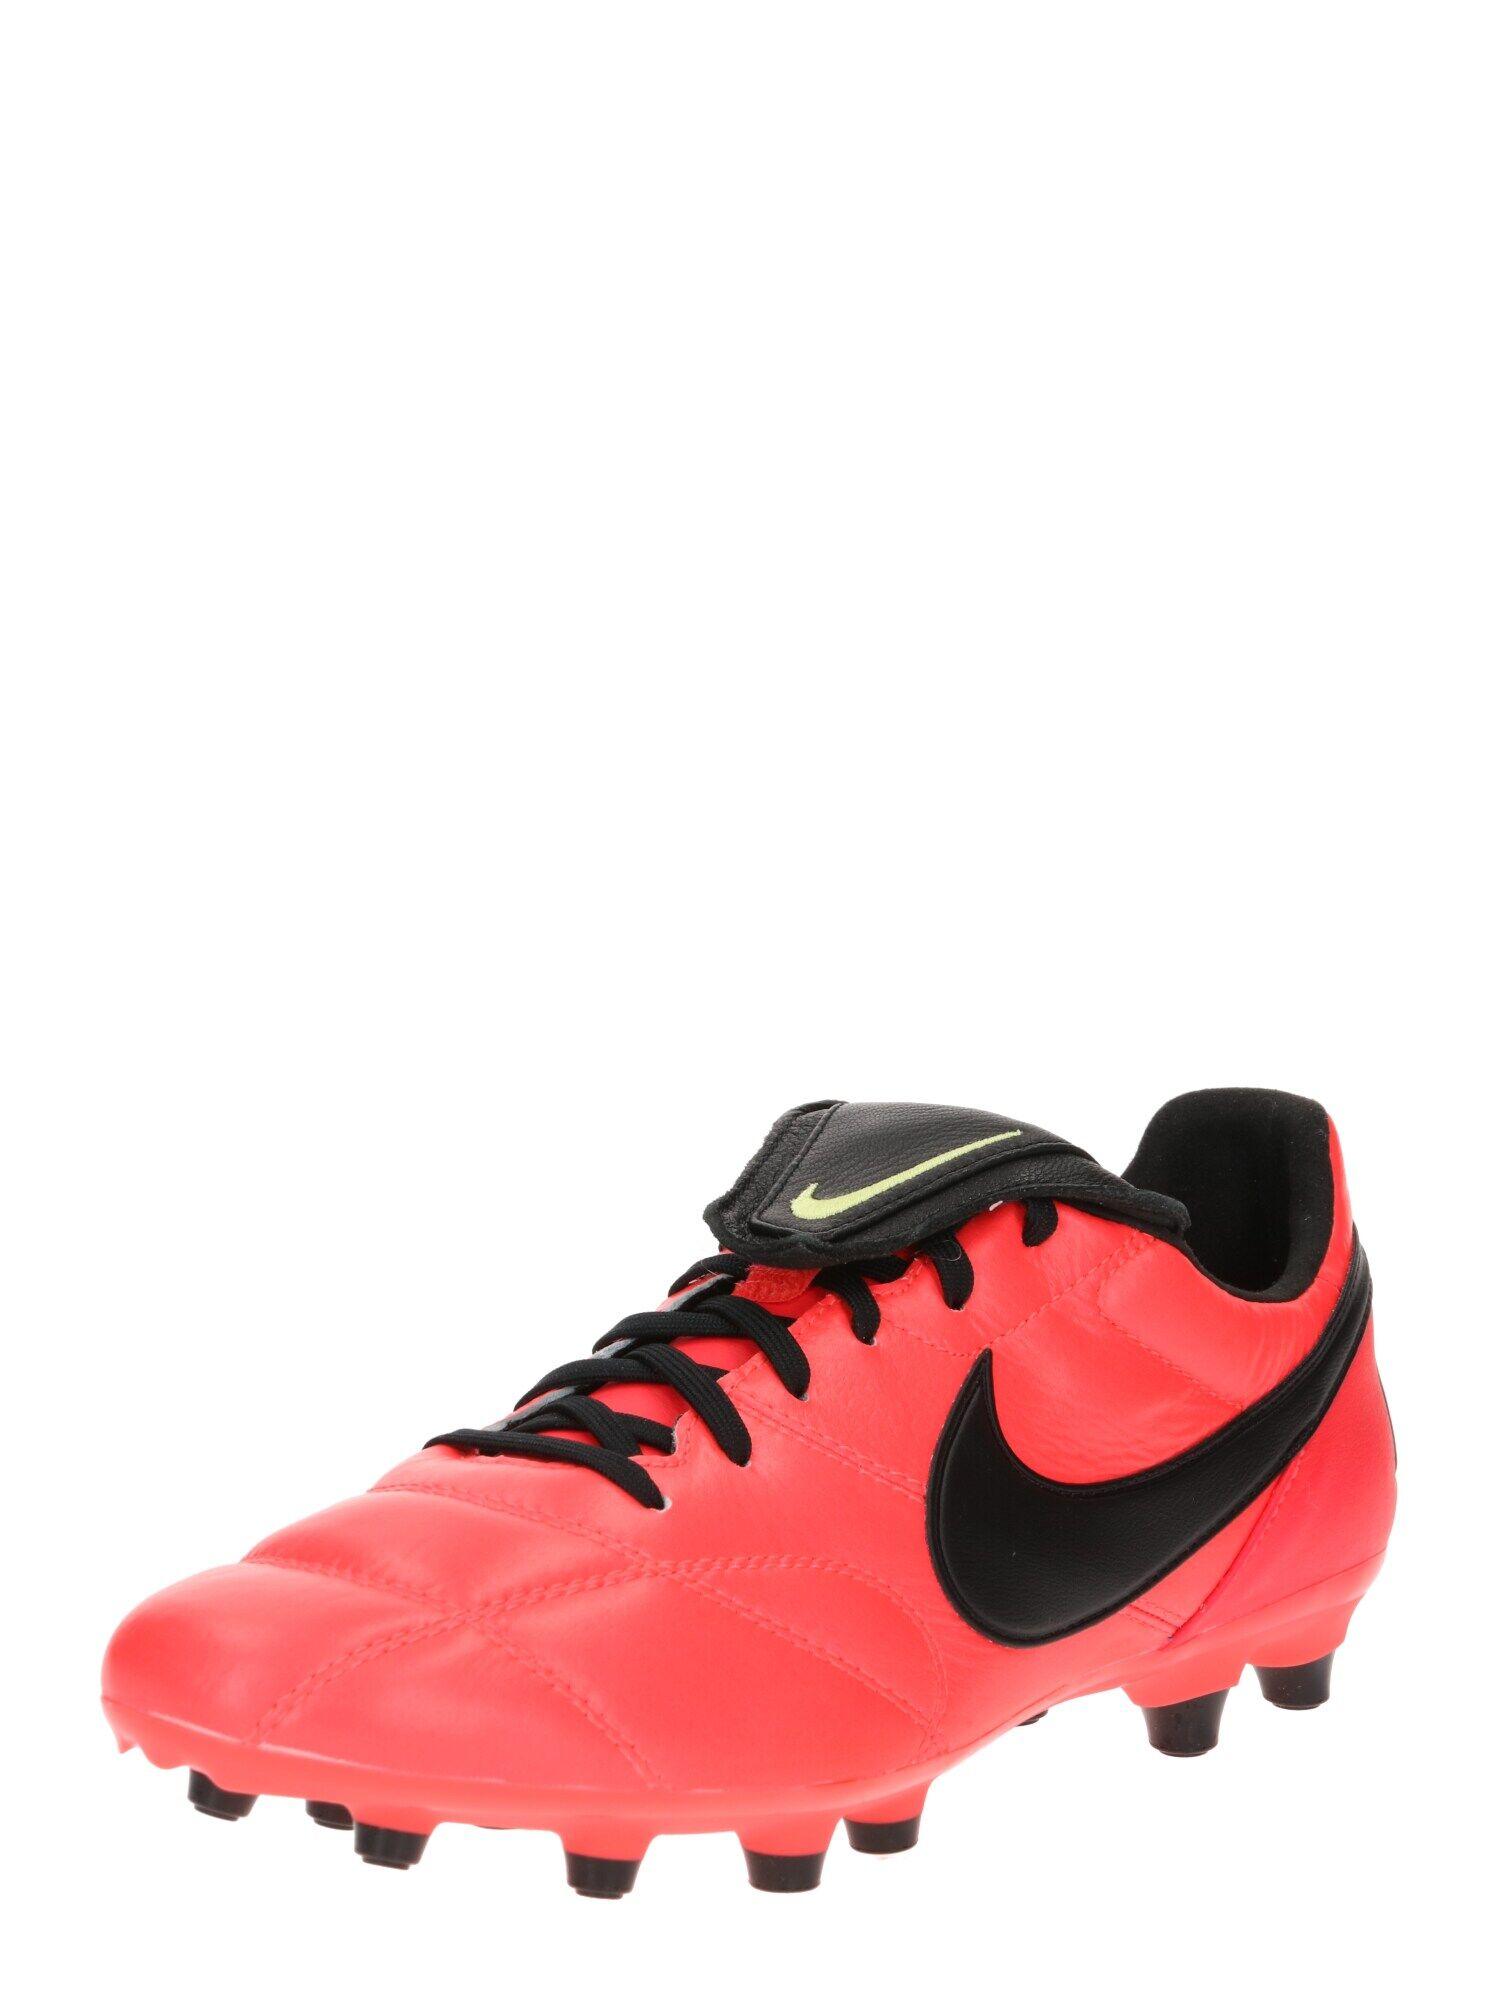 nike scarpa da calcio 'premier ii' arancione